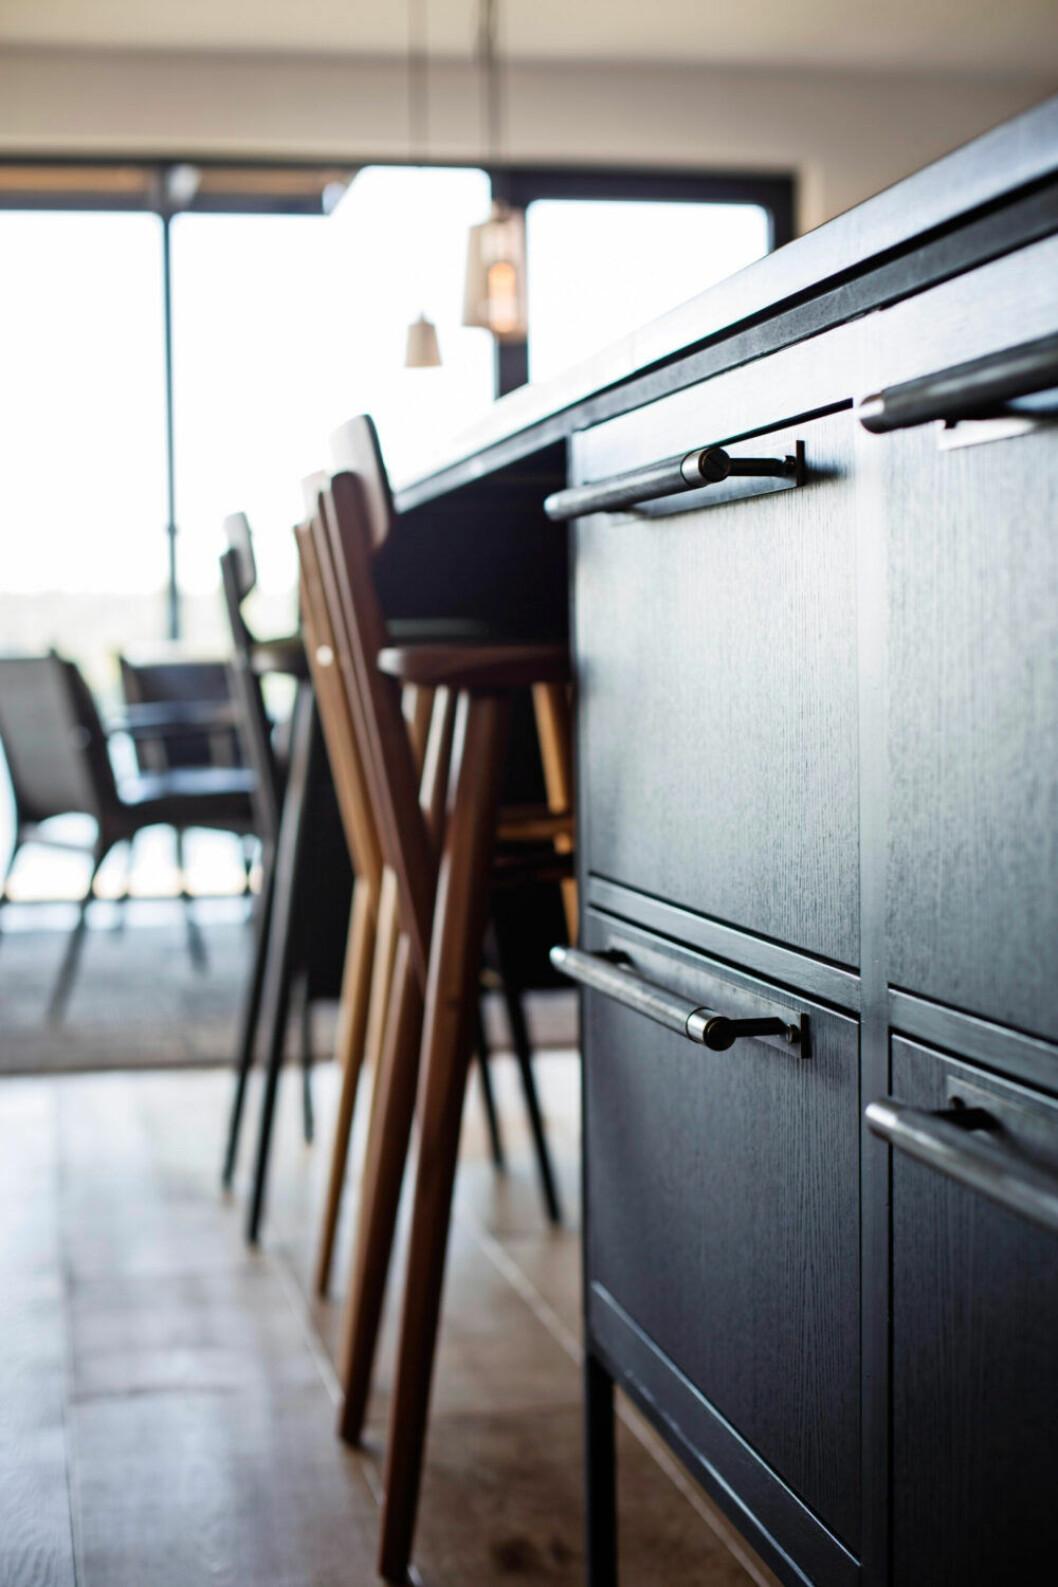 Detaljer i köket där handtagen, eluttag och strömbrytare är från Buster + Punch